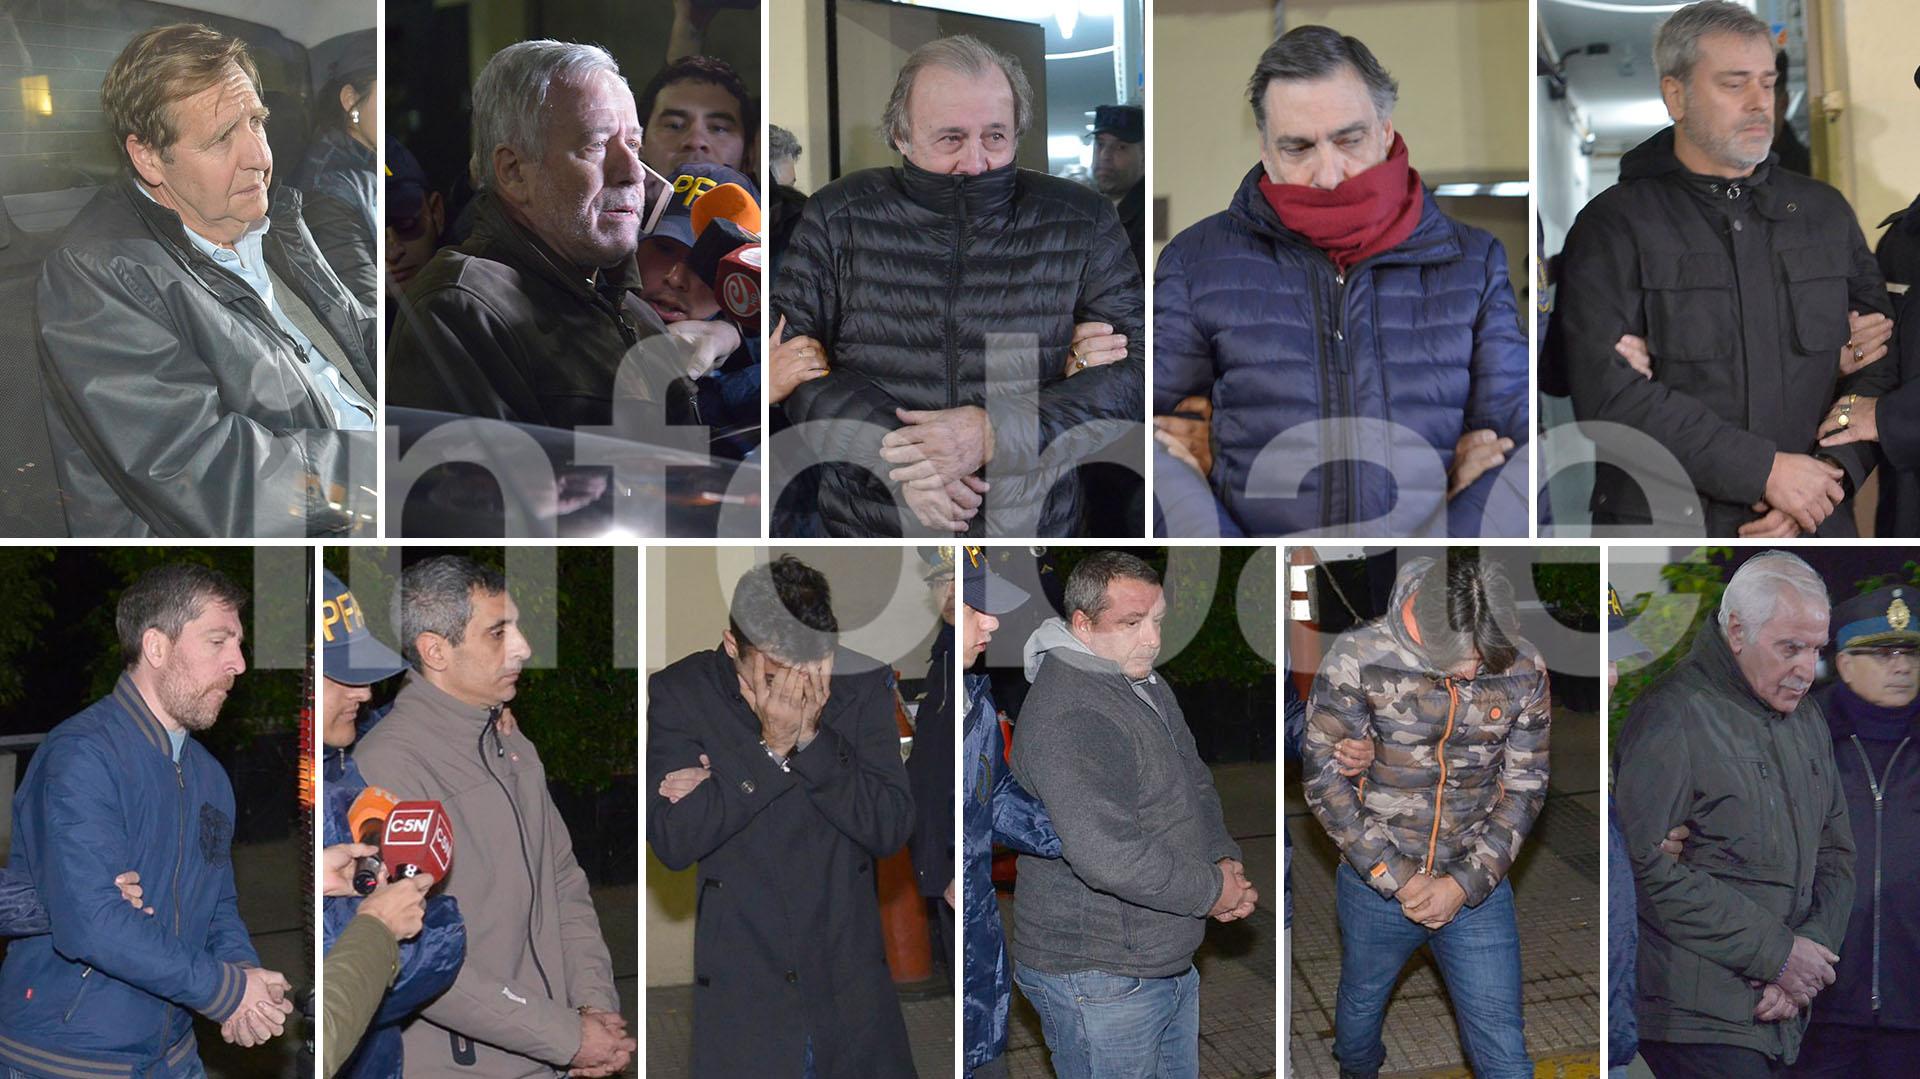 Los detenidos por el caso que esta mañana fueron llevados a Comodoro Py